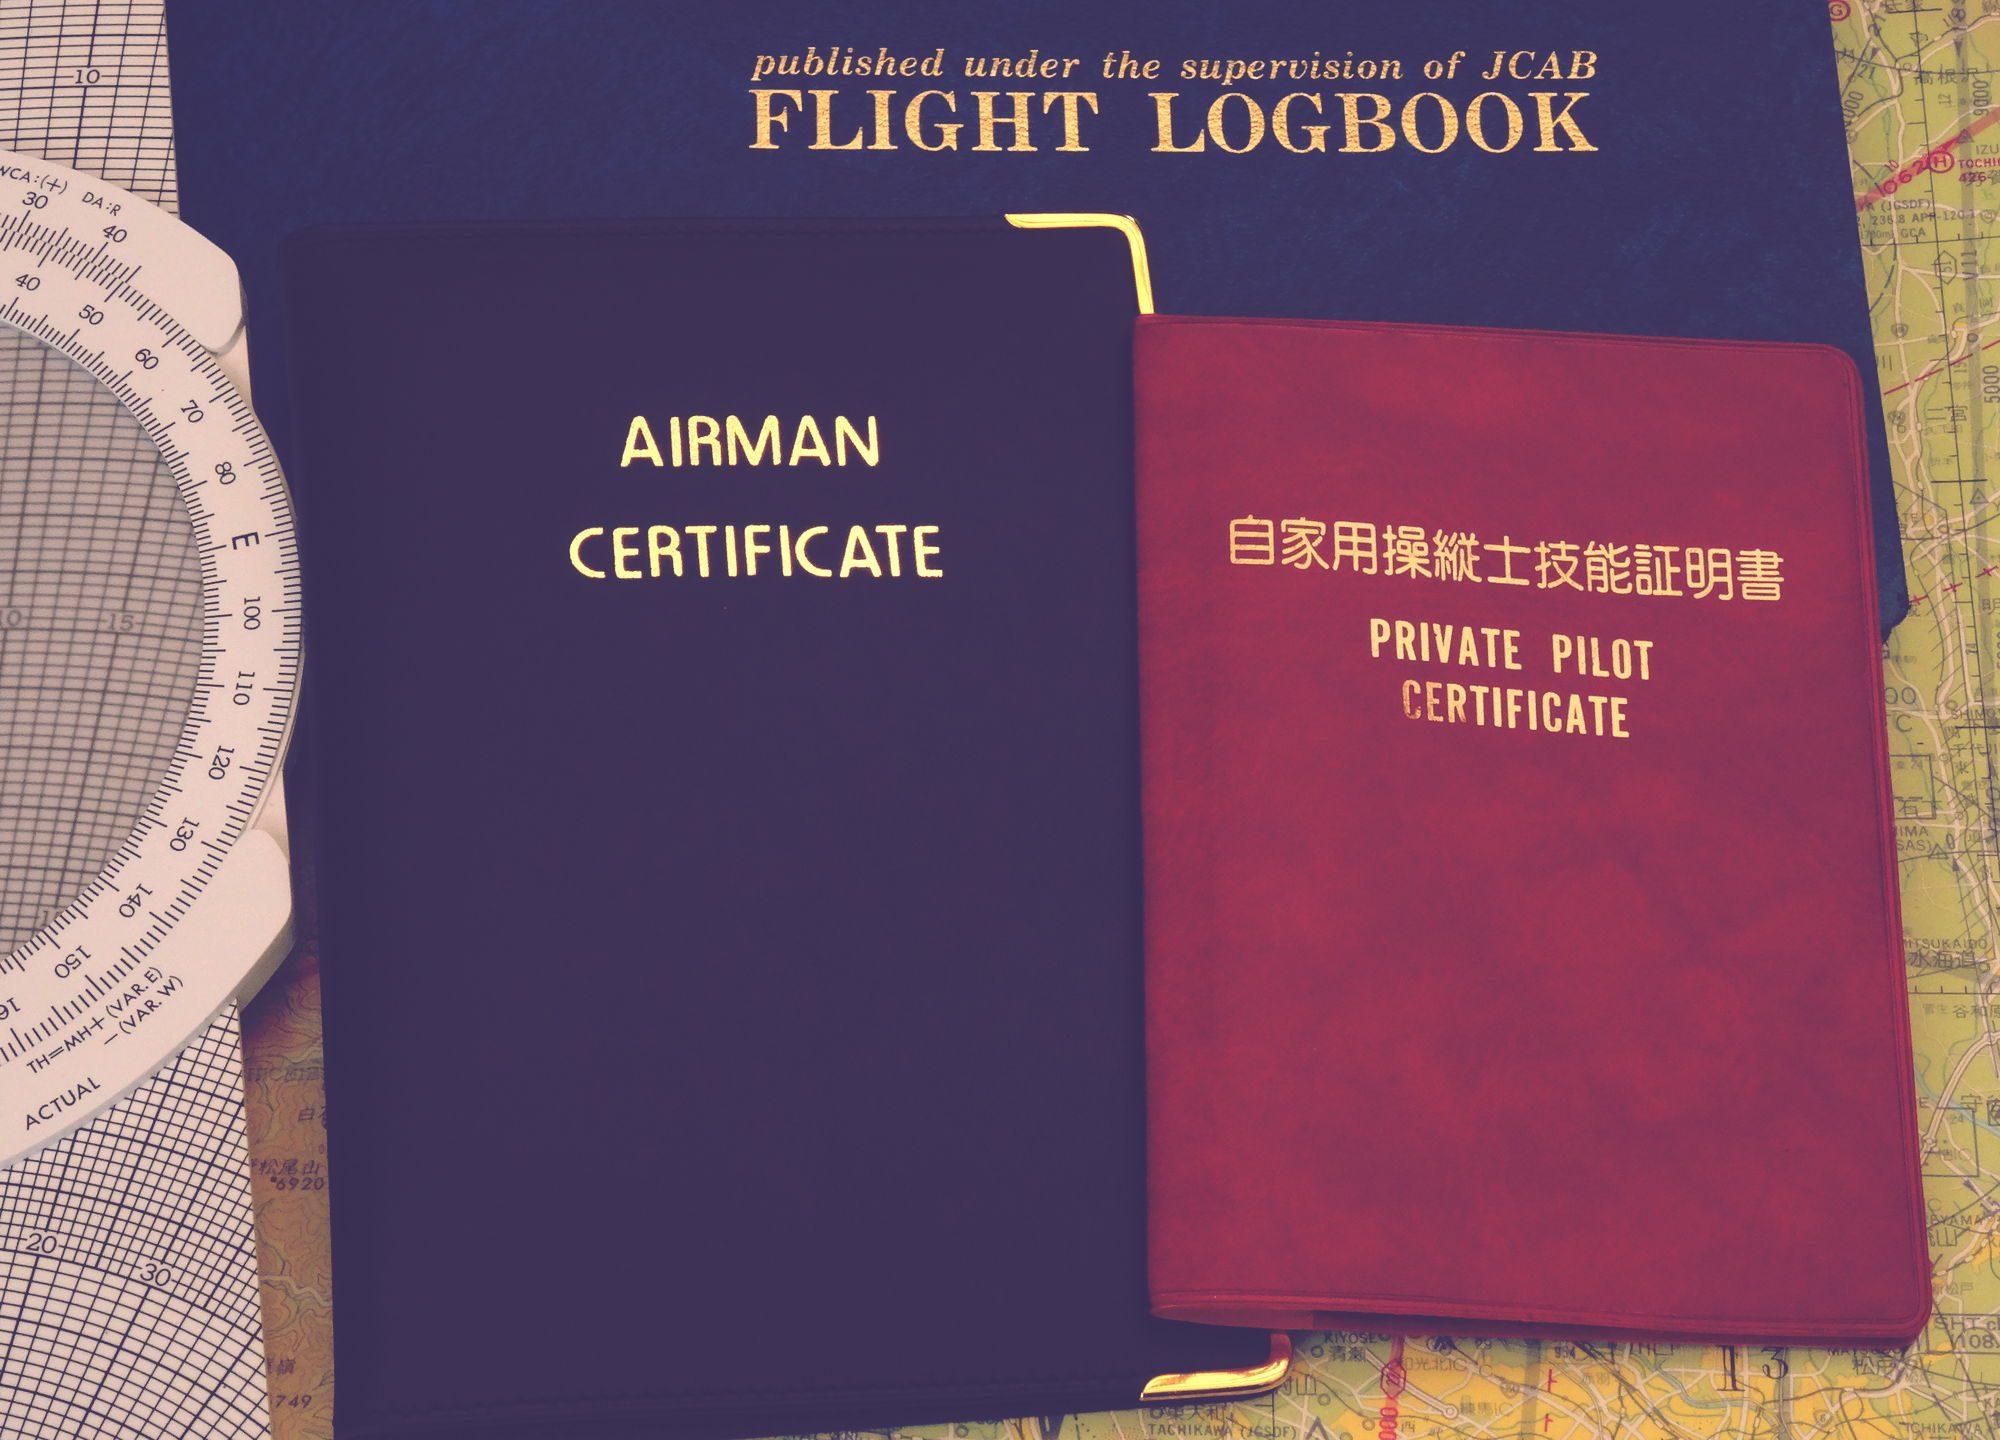 ヘリ免許証明書